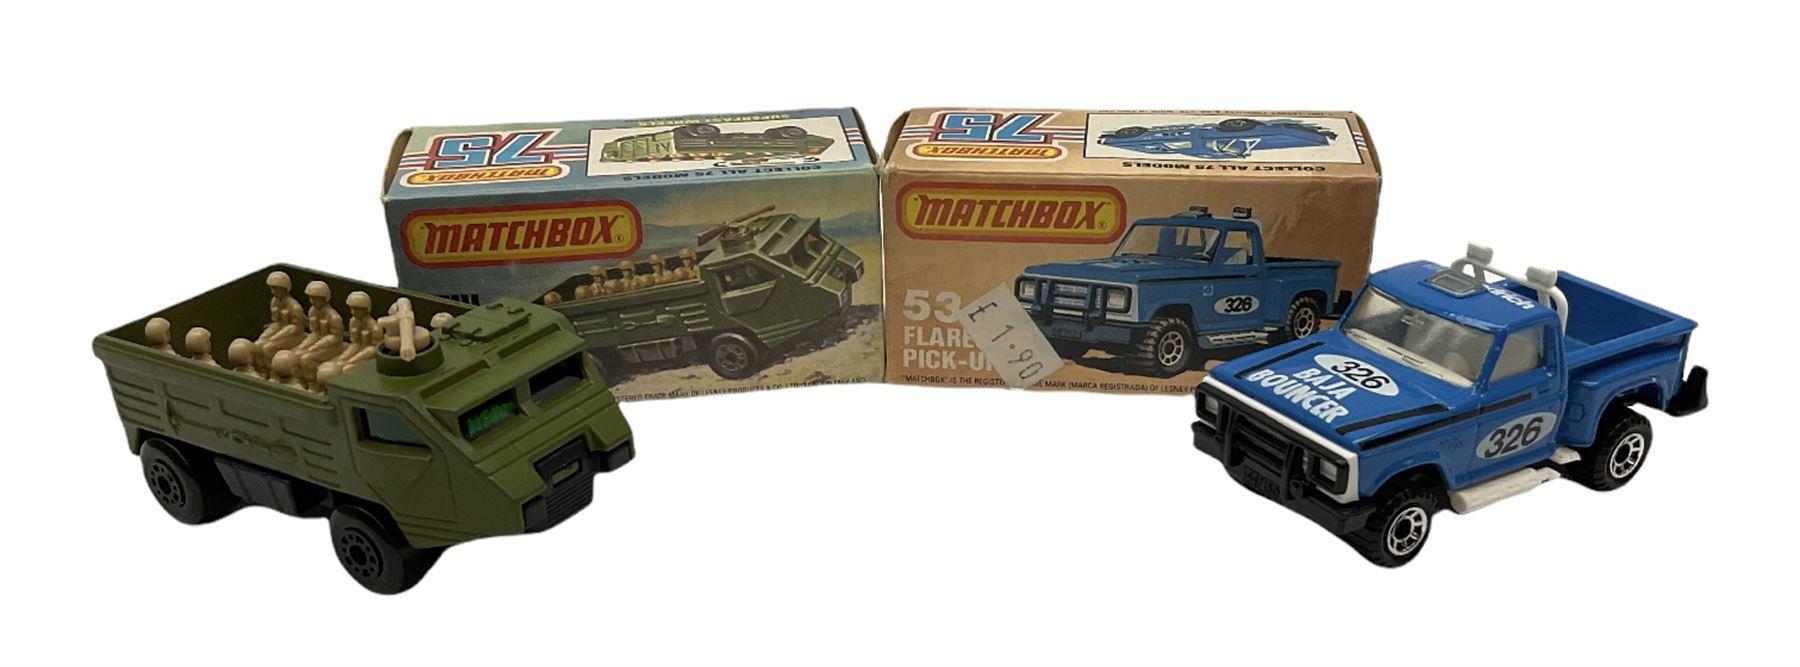 Matchbox/Superfast - eleven '1-75' series models comprising 53f Flareside Pick-Up - Image 5 of 7